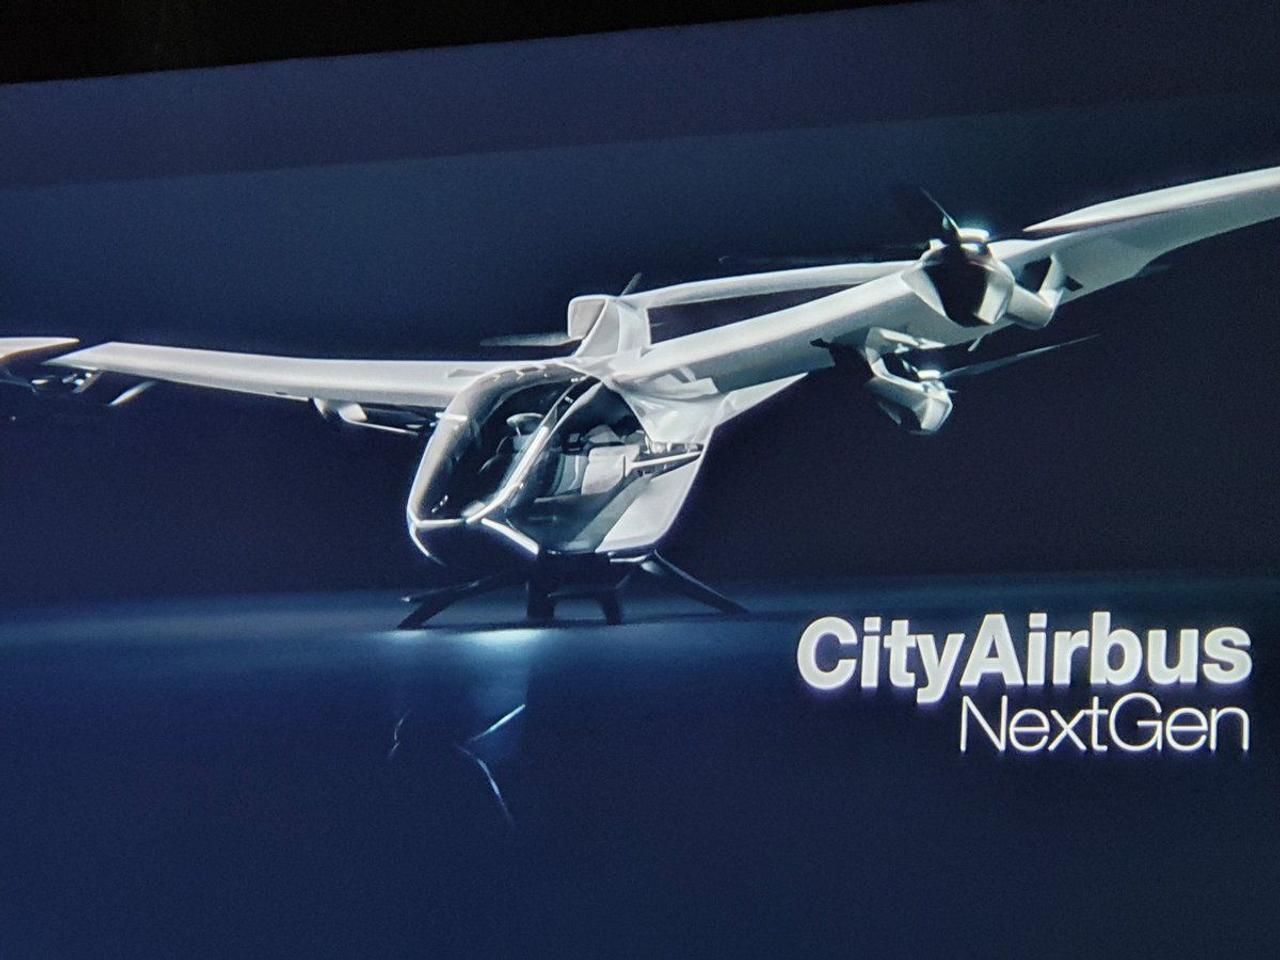 Airbus создает новое поколение аэротакси CityAirbus NextGen дли использование в городской среде